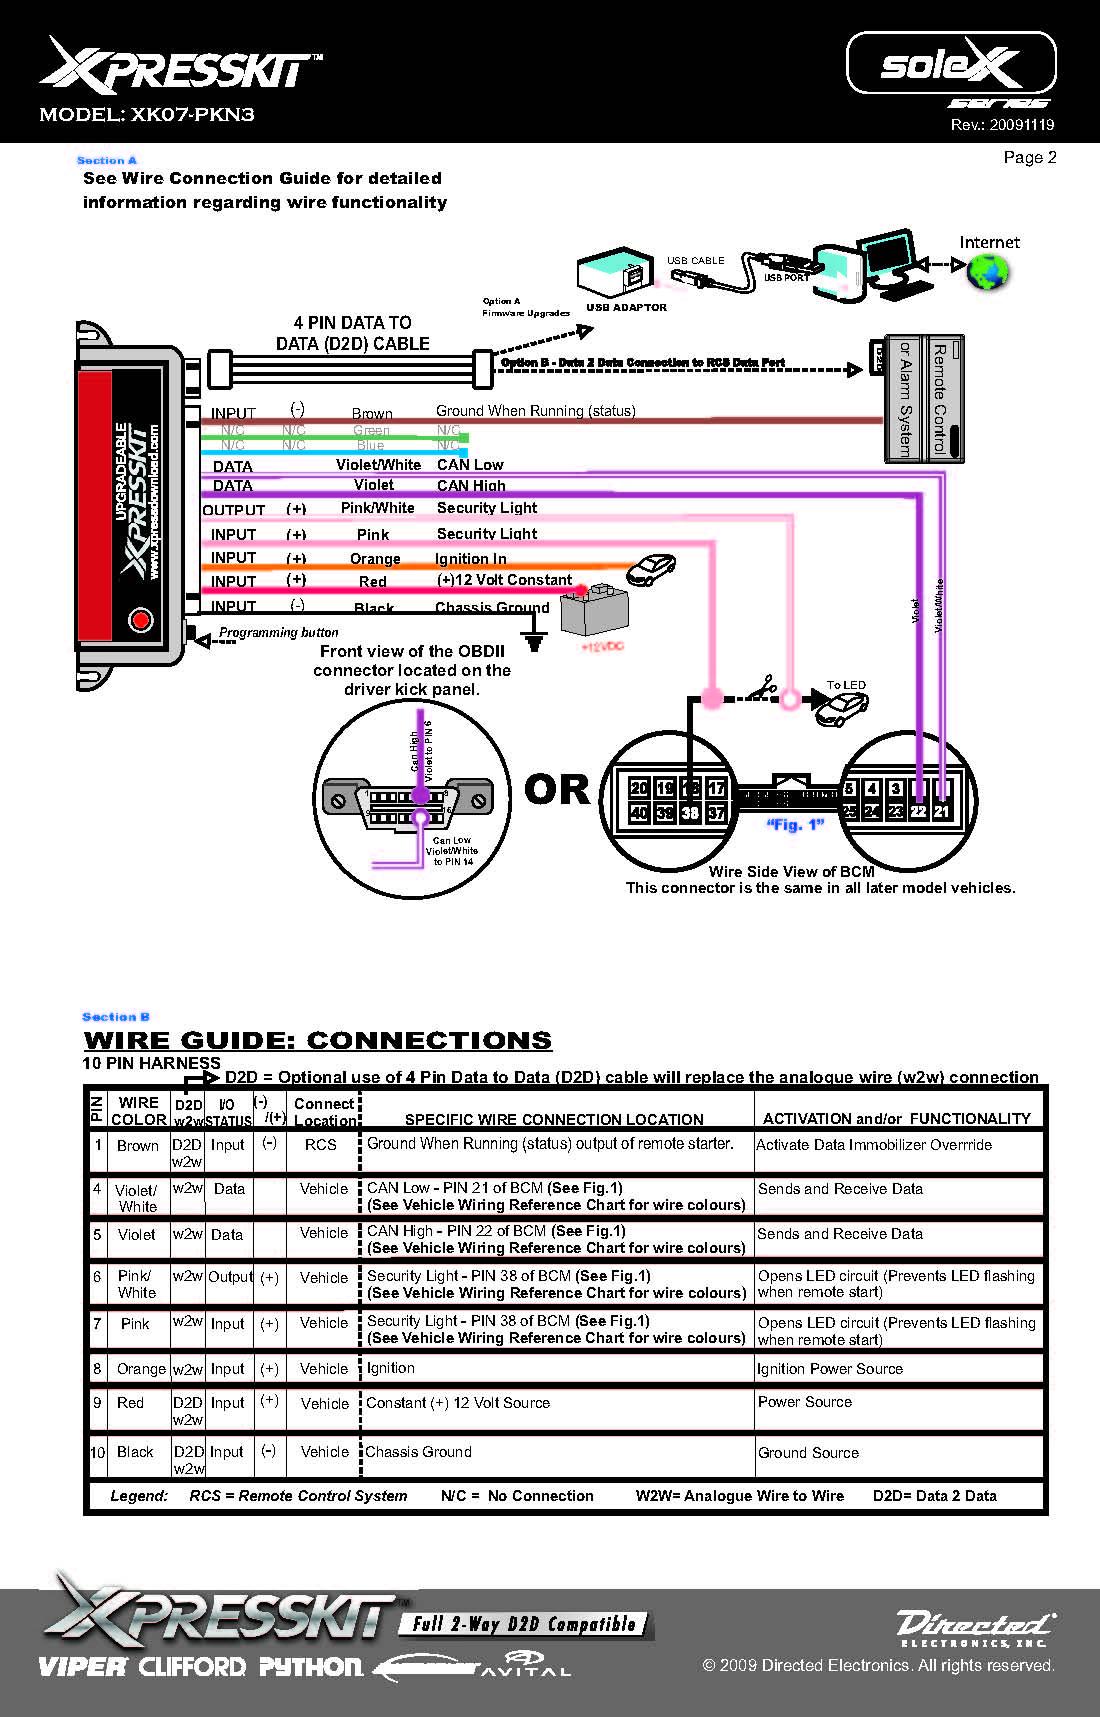 stellar remote start installation instructions